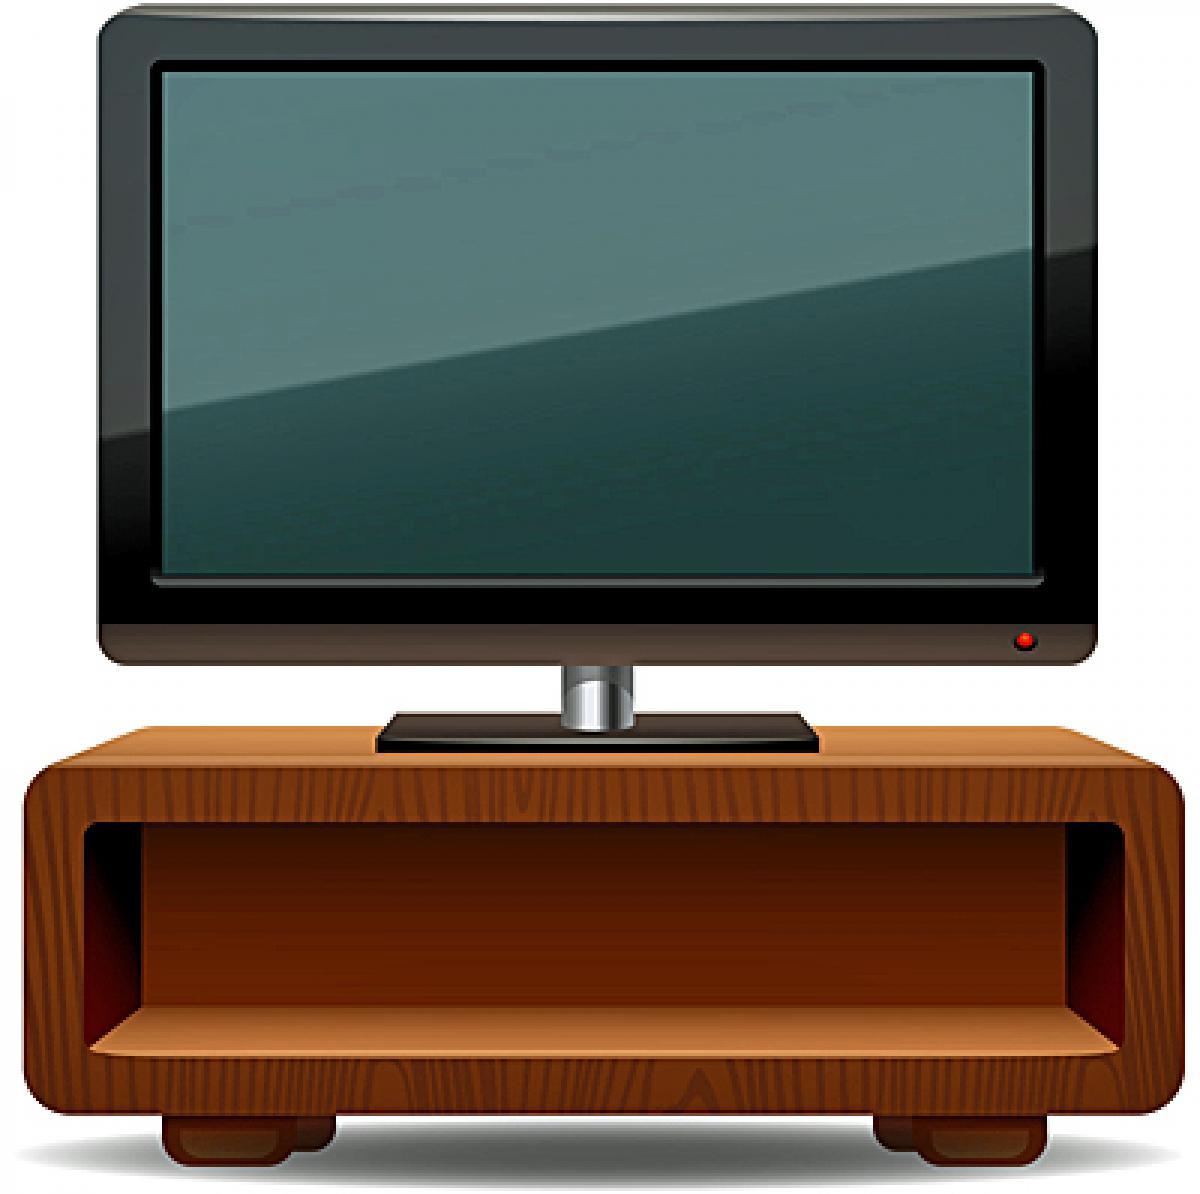 夢に出てくるテレビは自分を映す鏡! 放送される内容は未来を予言!? テレビの夢